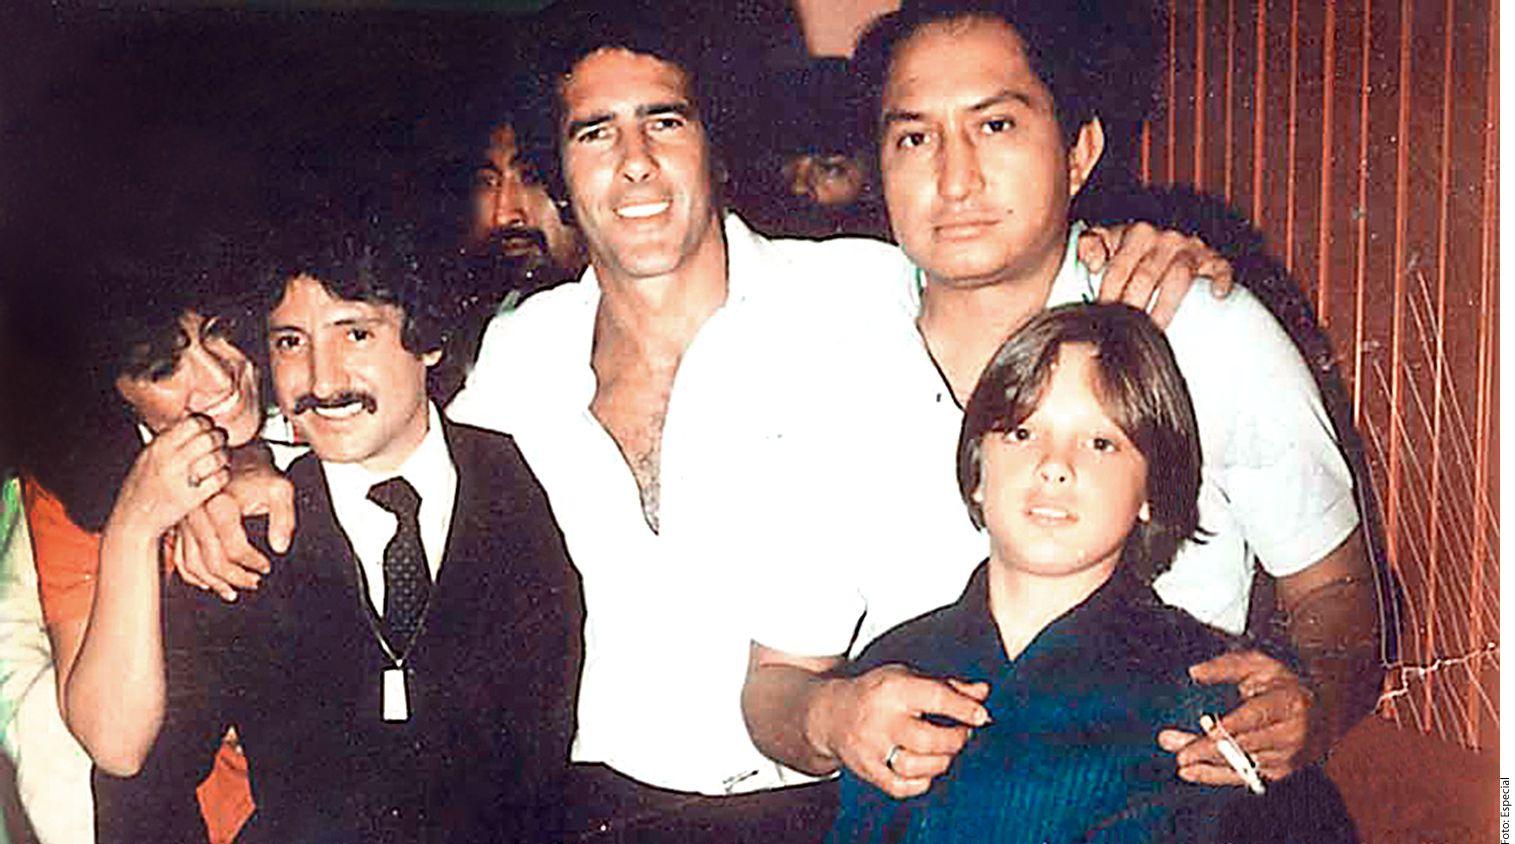 Luis Rey (de traje) y Andrés García (centro) eran amigos cuando Luismi (der., al frente) era niño. AGENCIA REFORMA